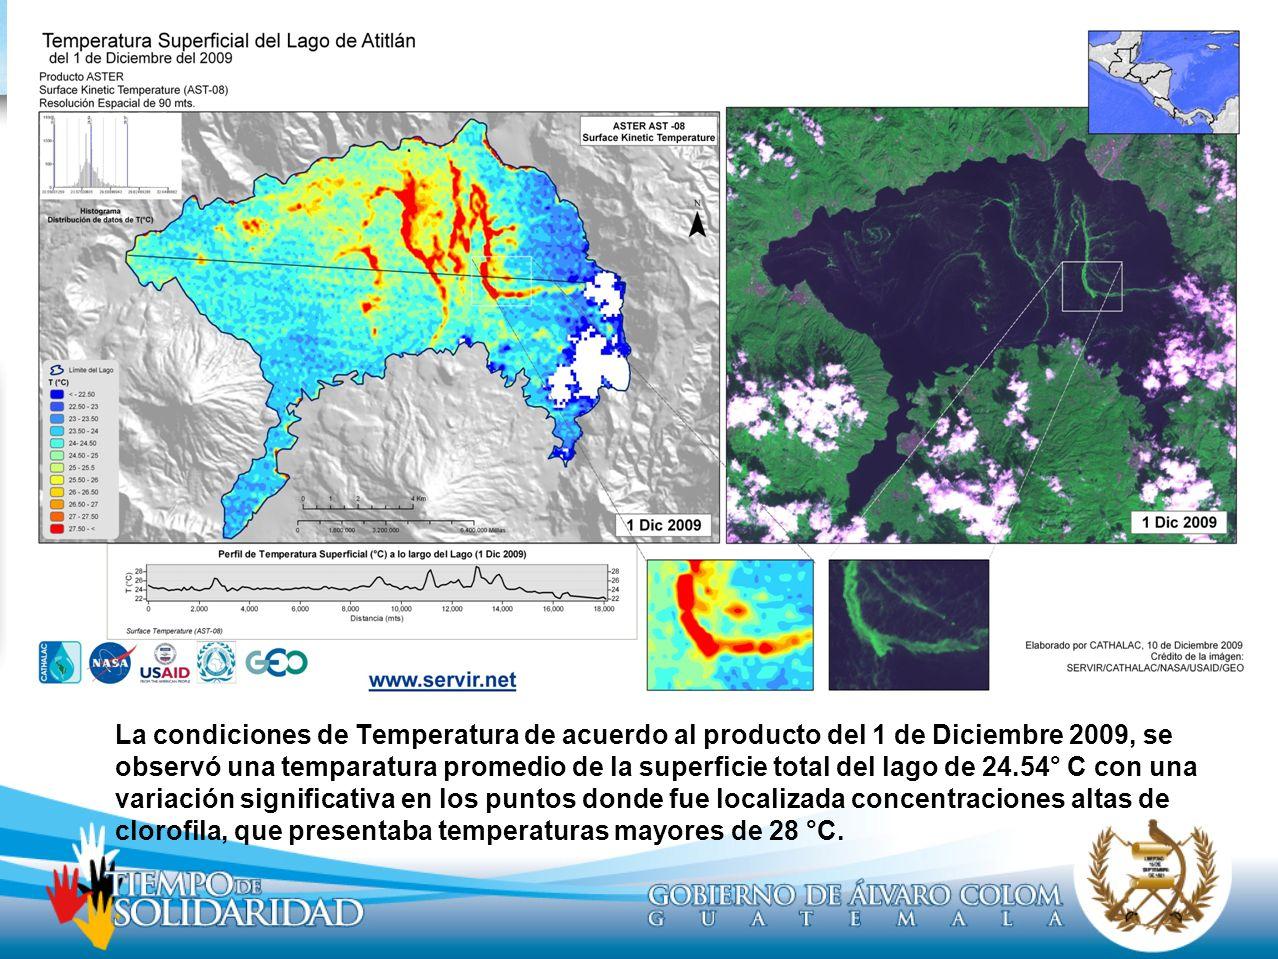 La condiciones de Temperatura de acuerdo al producto del 1 de Diciembre 2009, se observó una temparatura promedio de la superficie total del lago de 24.54° C con una variación significativa en los puntos donde fue localizada concentraciones altas de clorofila, que presentaba temperaturas mayores de 28 °C.